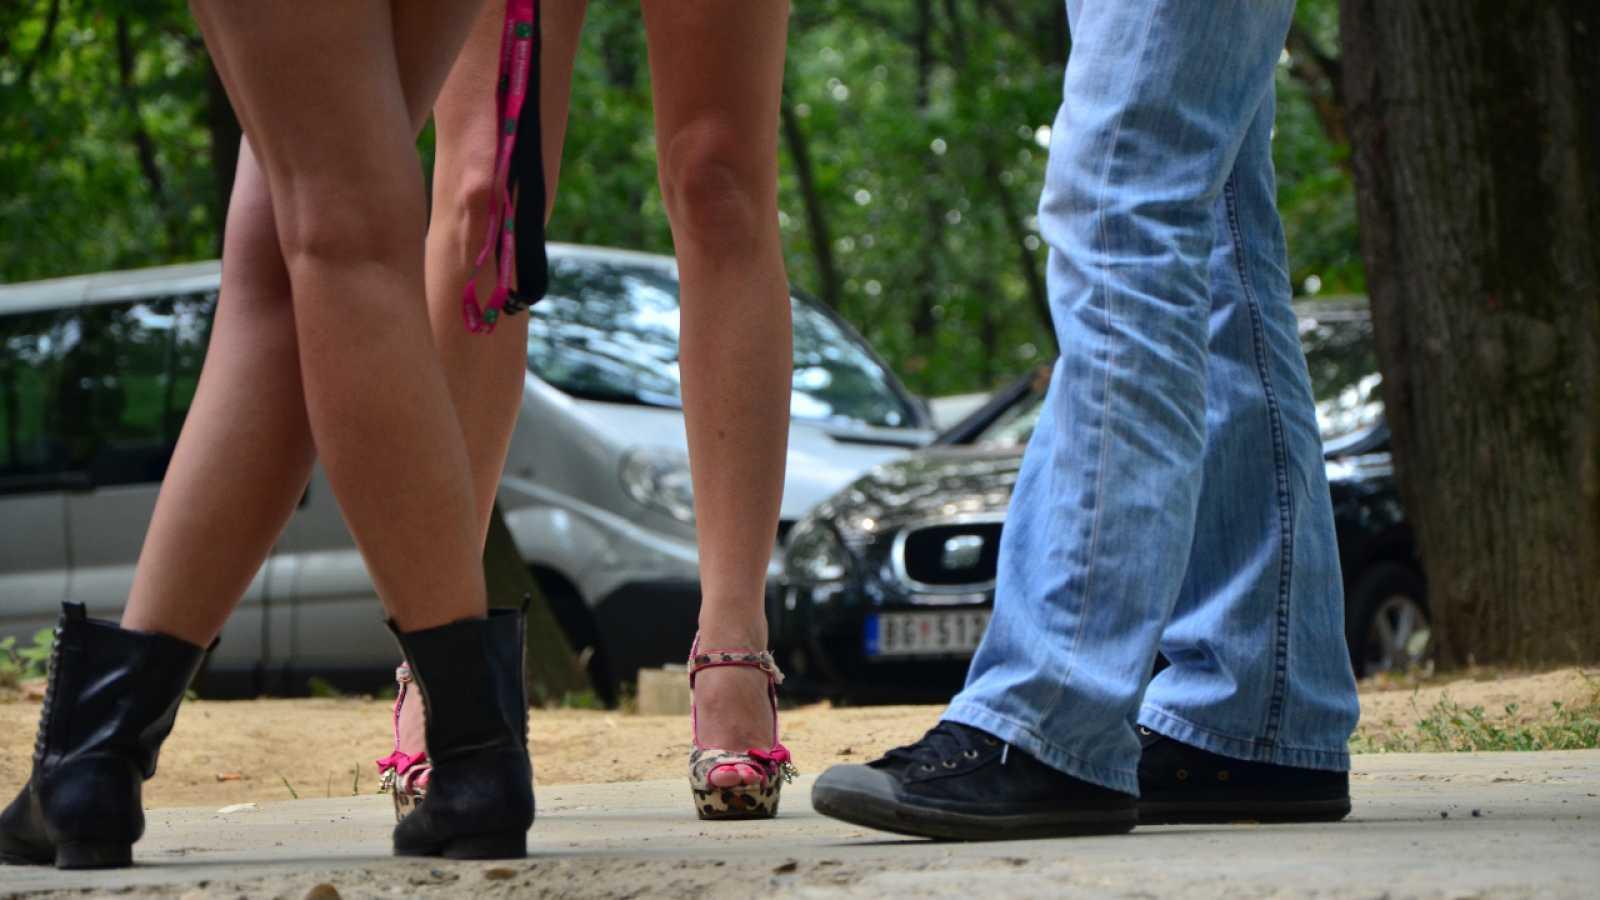 Las mafias de la prostitución recurren a pisos clandestinos para evitar controles y medidas sanitarias